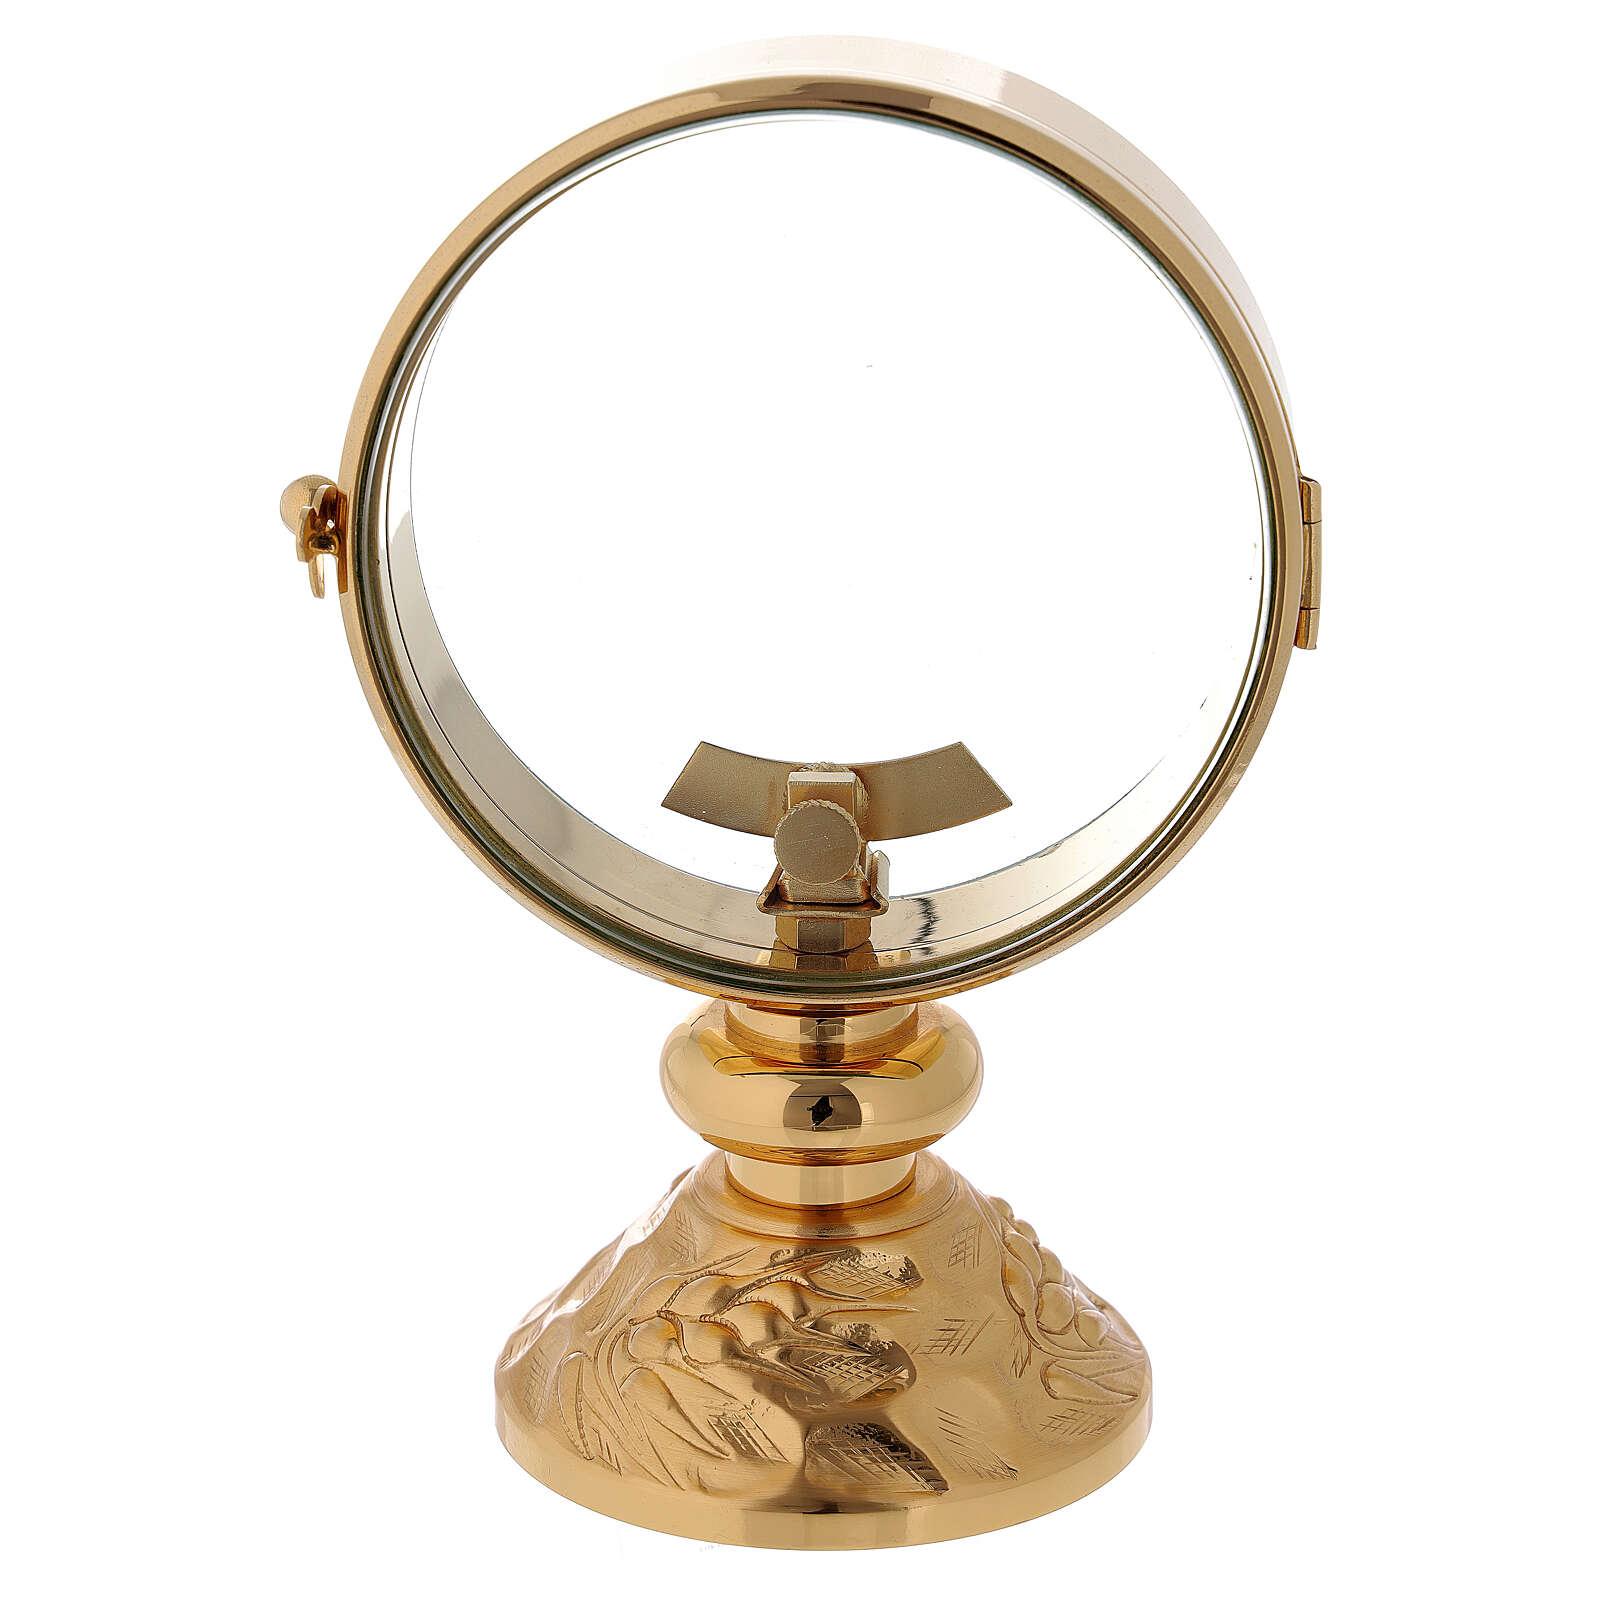 STOCK Ostensorio teca ottone dorato cin decoro spiga alla base diametro 11 cm 4